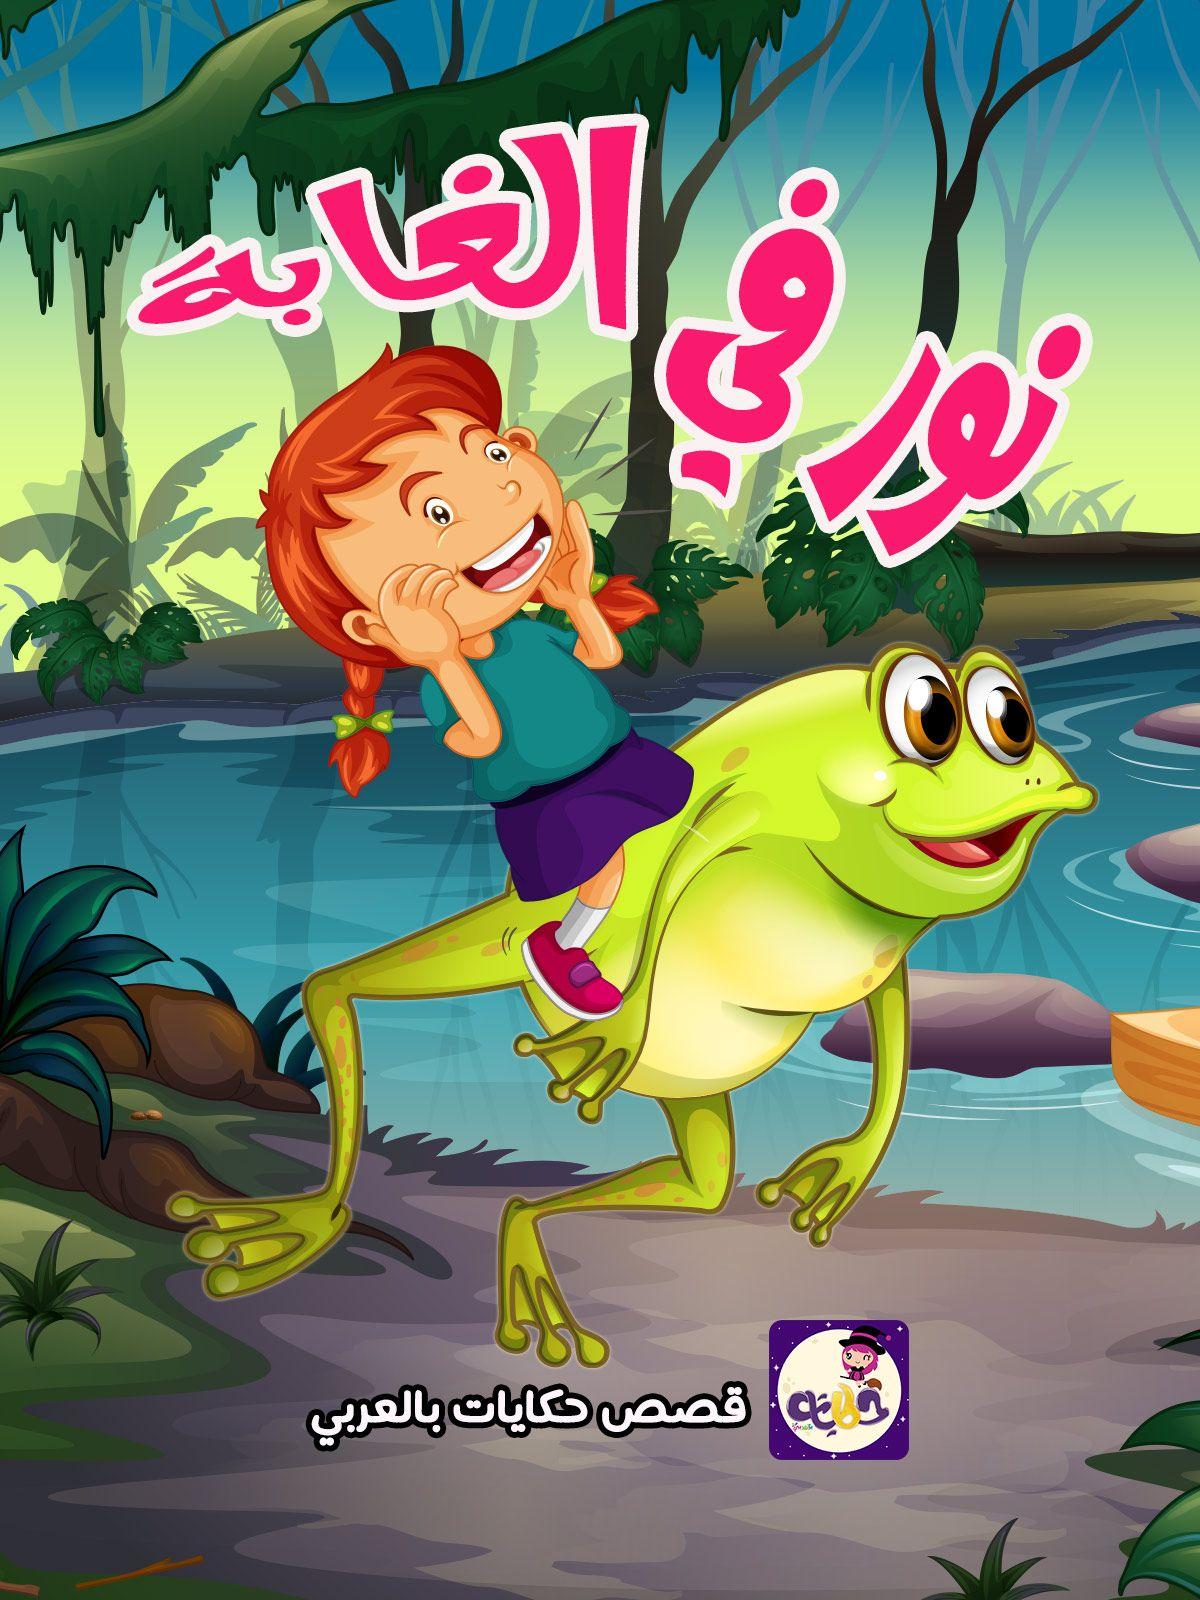 قصة نور في الغابة قصة مميزة بتطبيق قصص وحكايات بالعربي قصص خيالية تدعم سلوك الاطفال Zelda Characters Fictional Characters Character